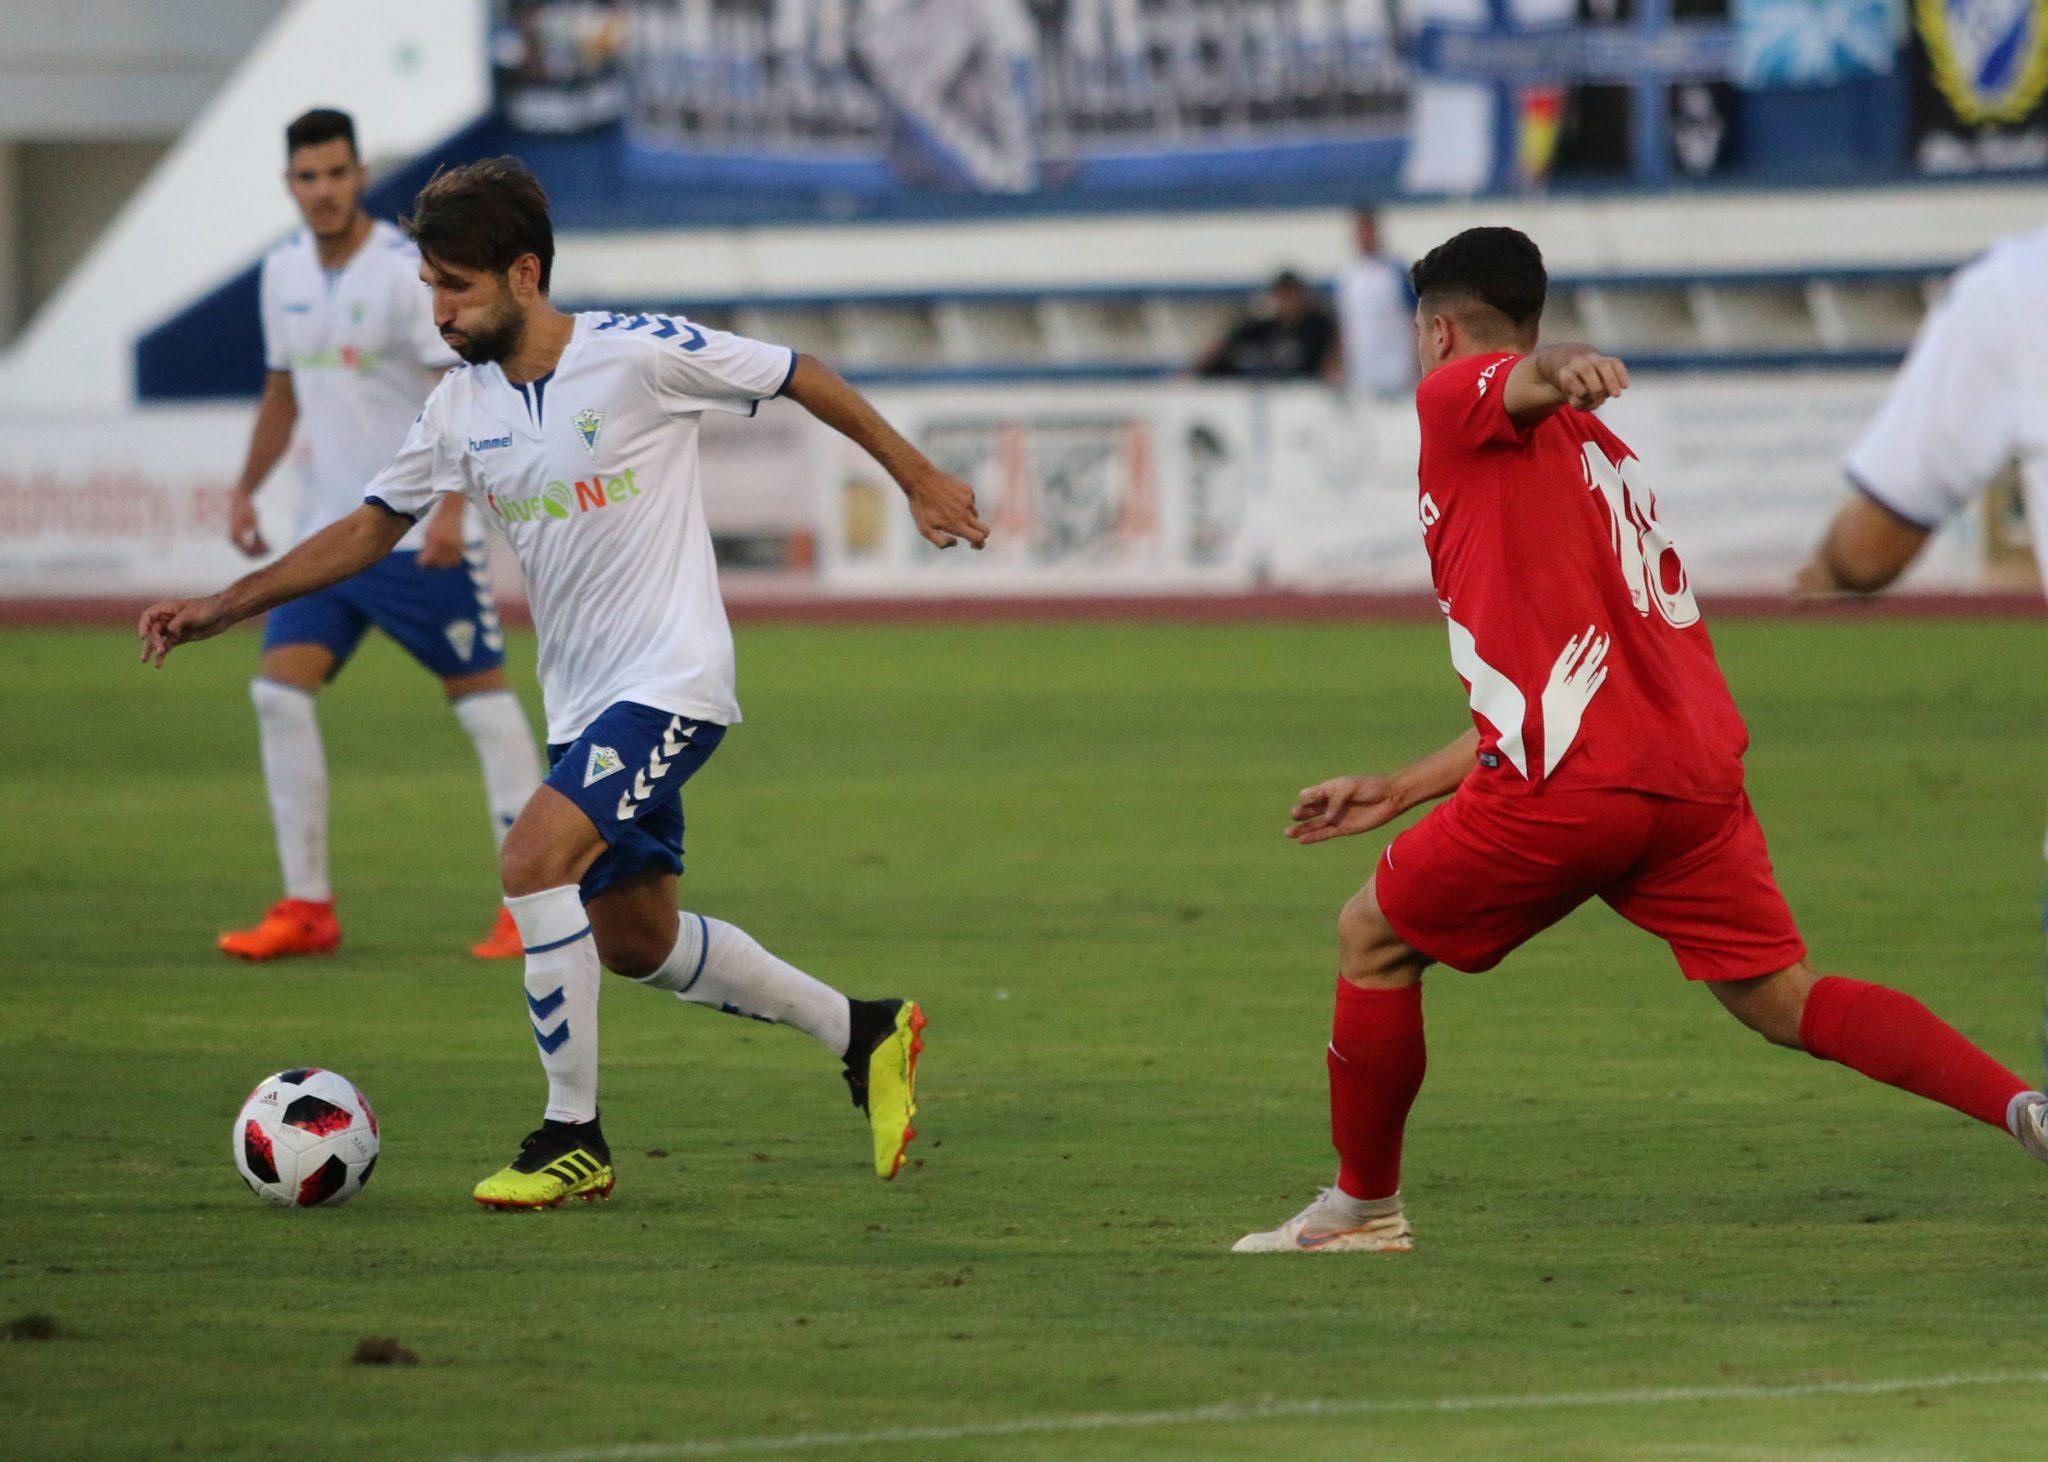 Goleada del Marbella FC frente al Sevilla Atlético (4-0)